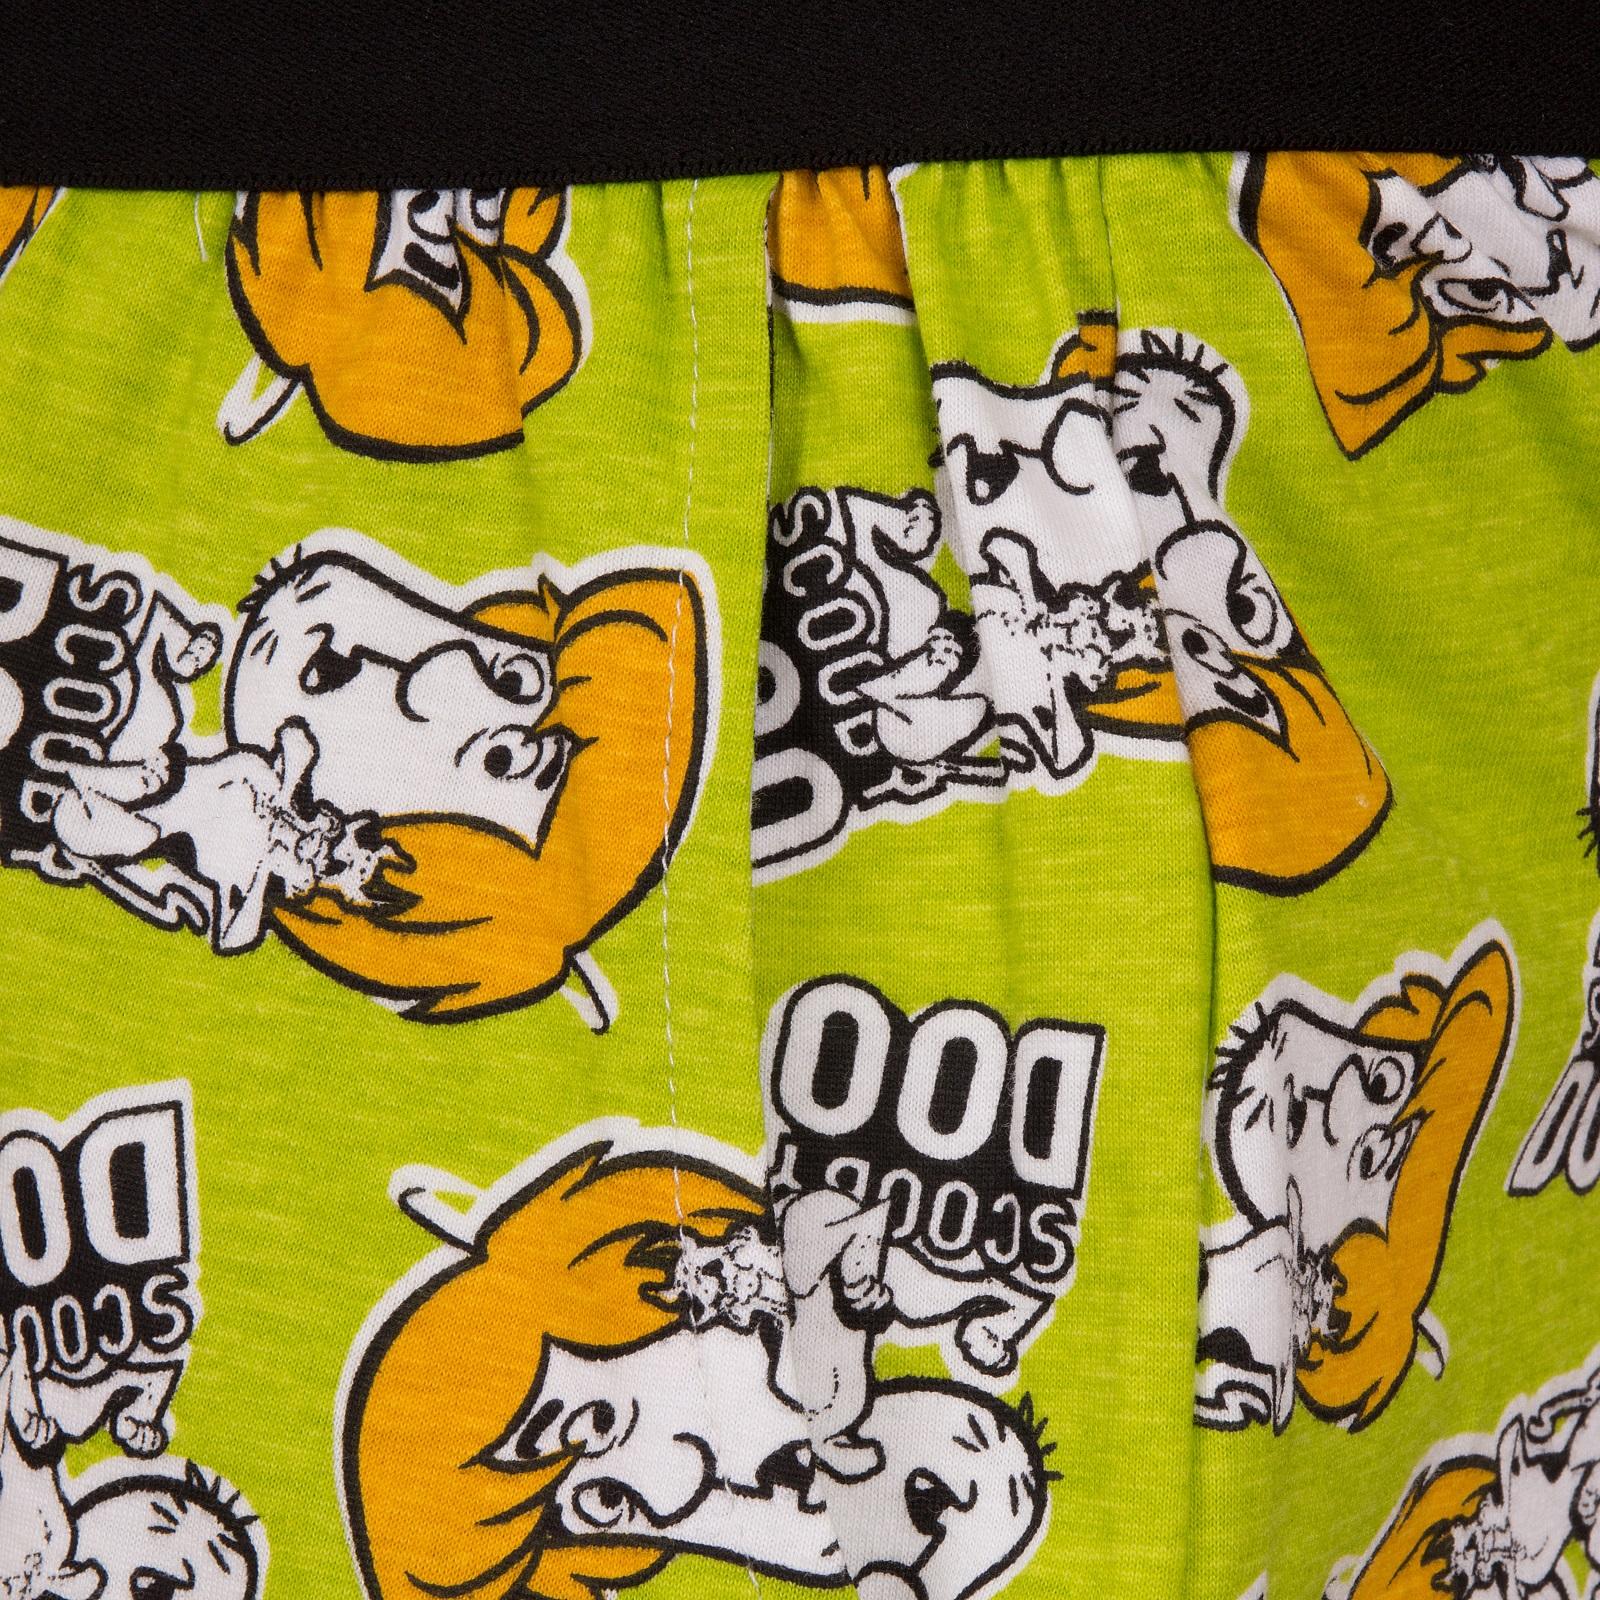 The Flintstones Fred Flintstone Official Mens Loungewear Retro Short Pyjamas